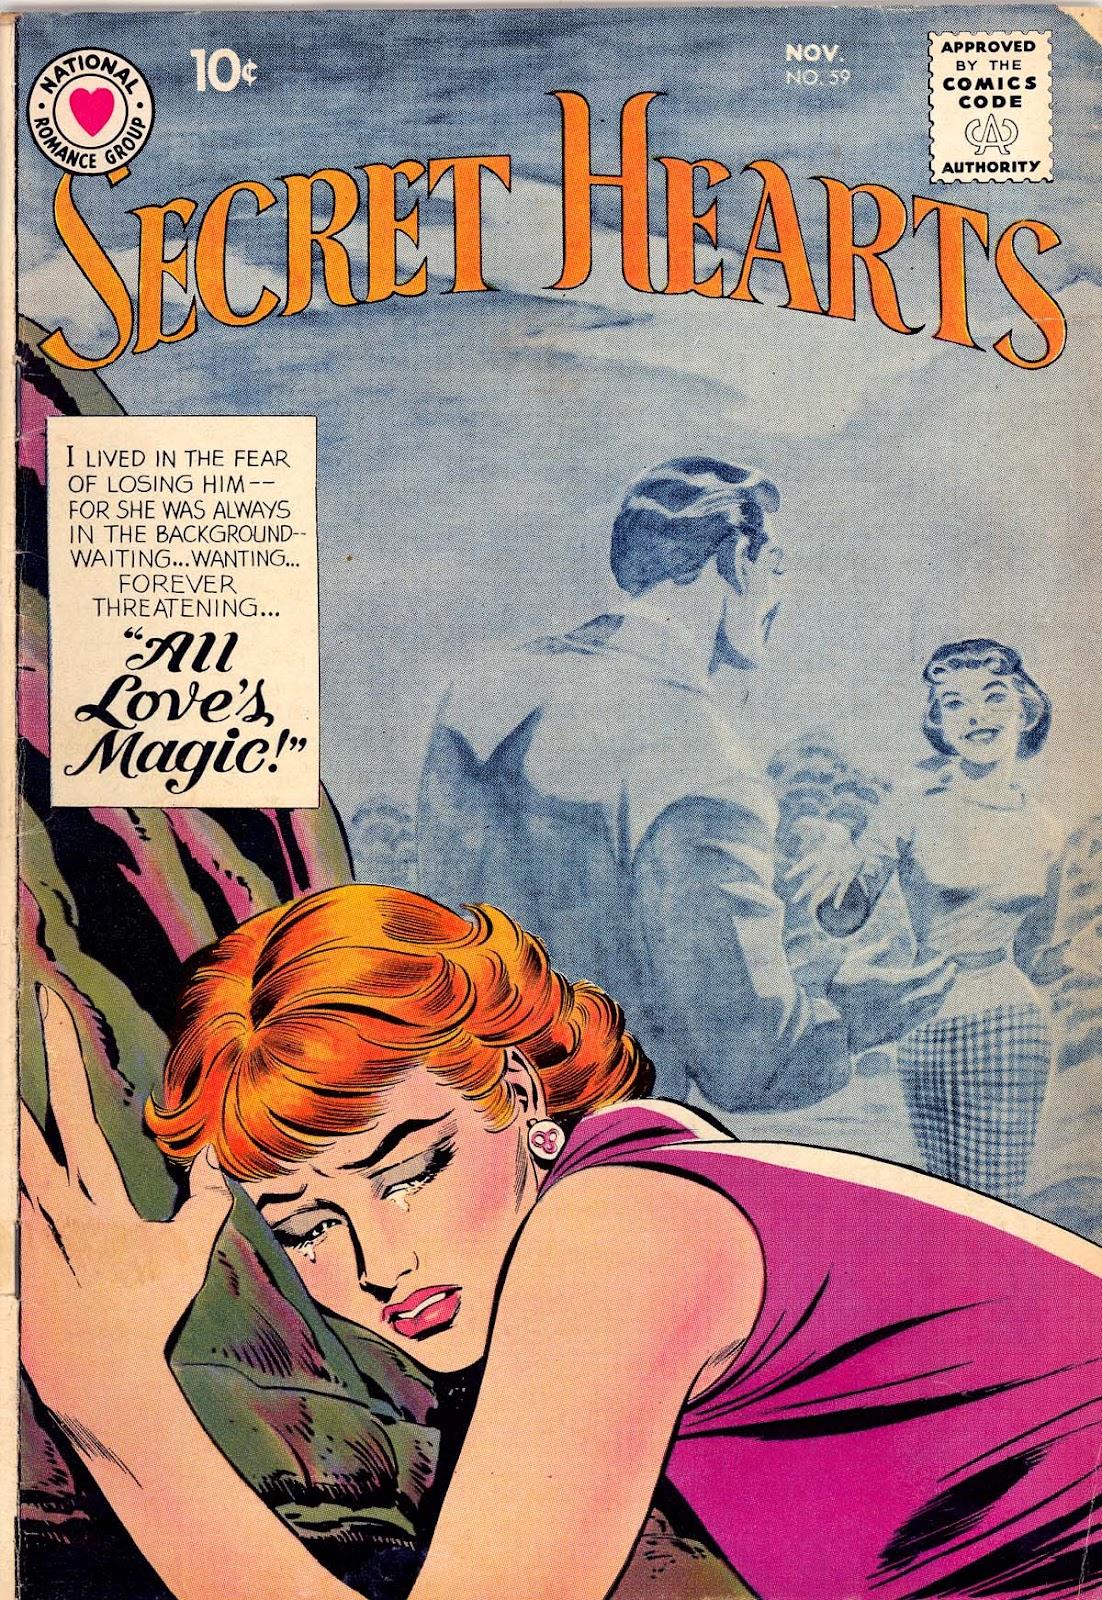 Secret Hearts 59 Page 1